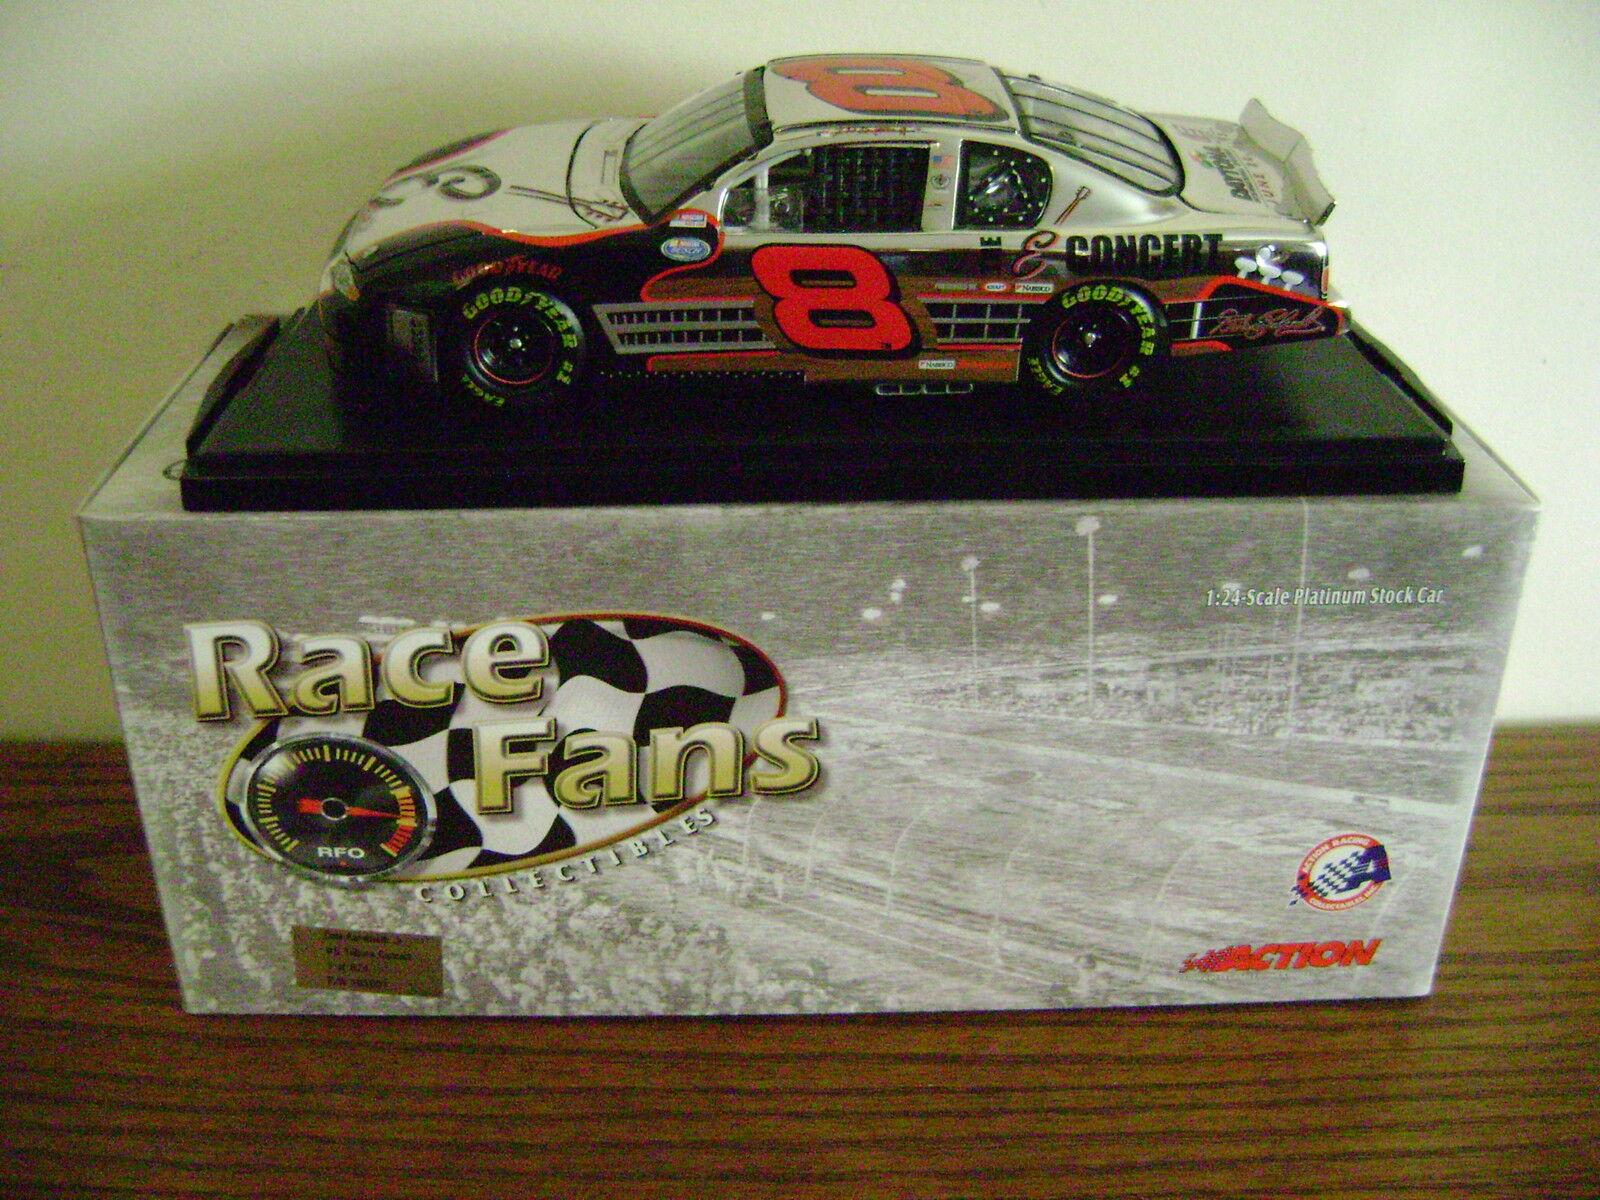 2018 Dale Earnhardt Jr 8 homenaje concierto Platino coche coche 1 de 624